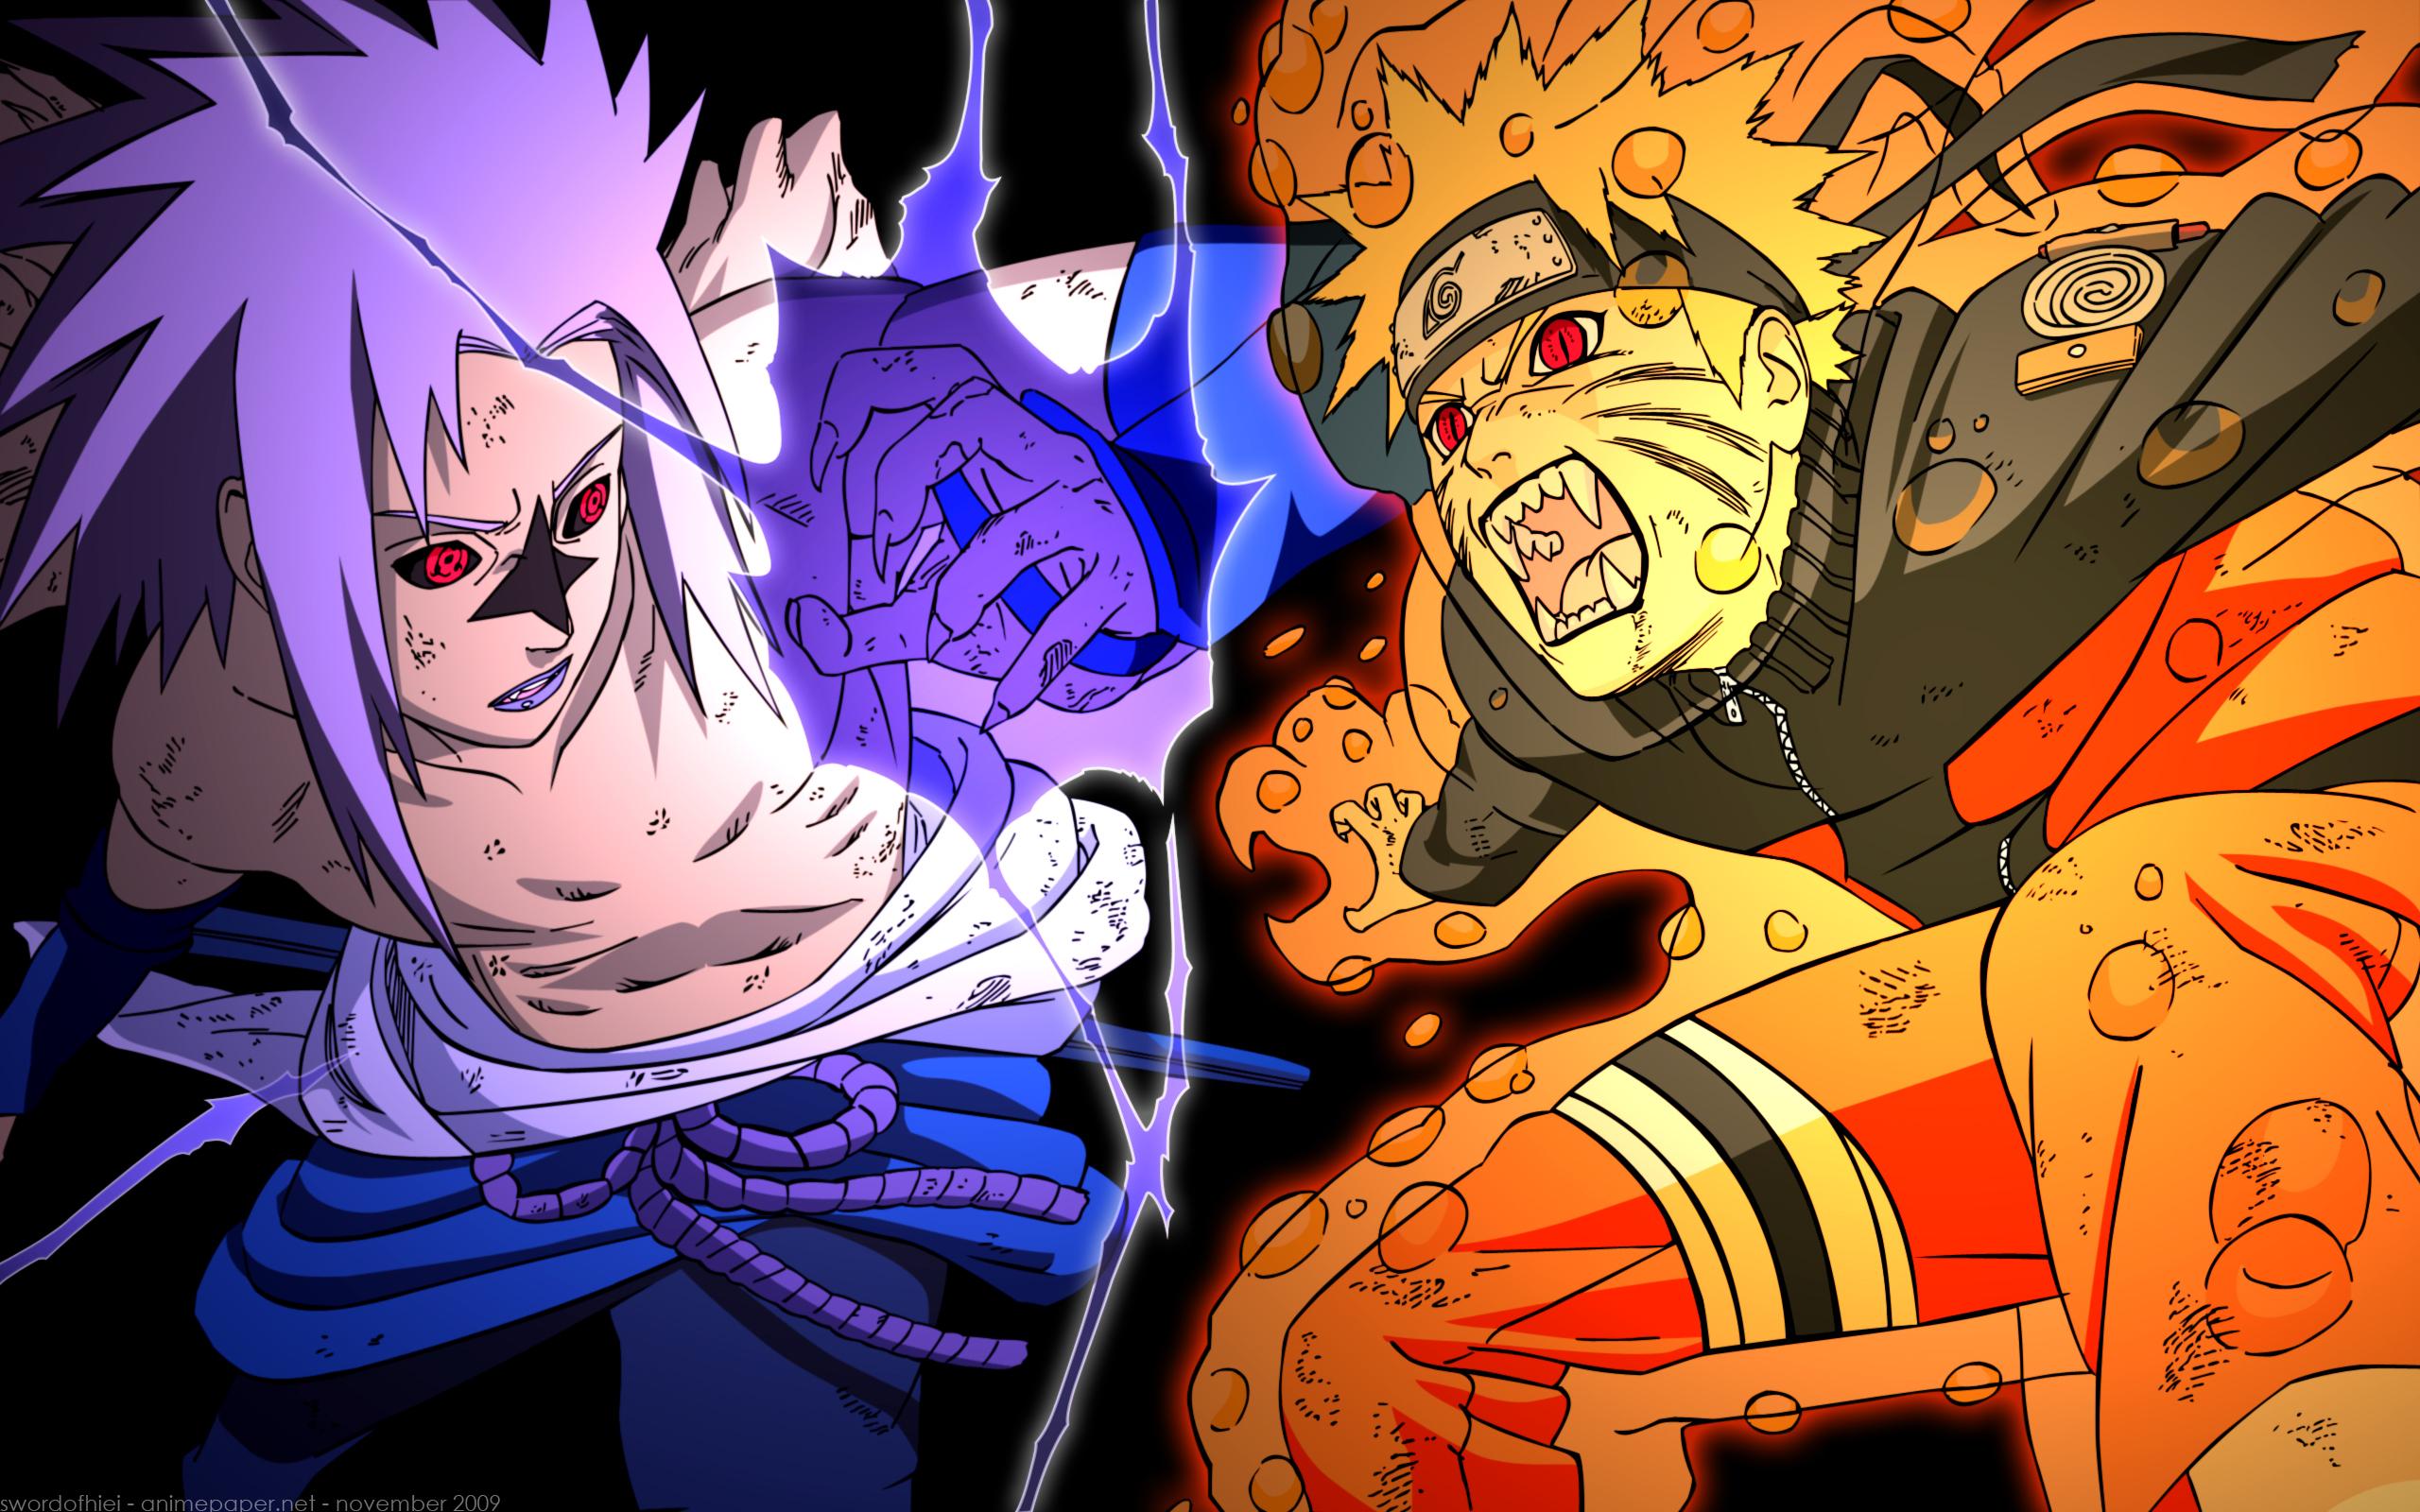 Naruto Nine Tails Mode Naruto Vs Sasuke Shippuden Images Naruto 2560x1600